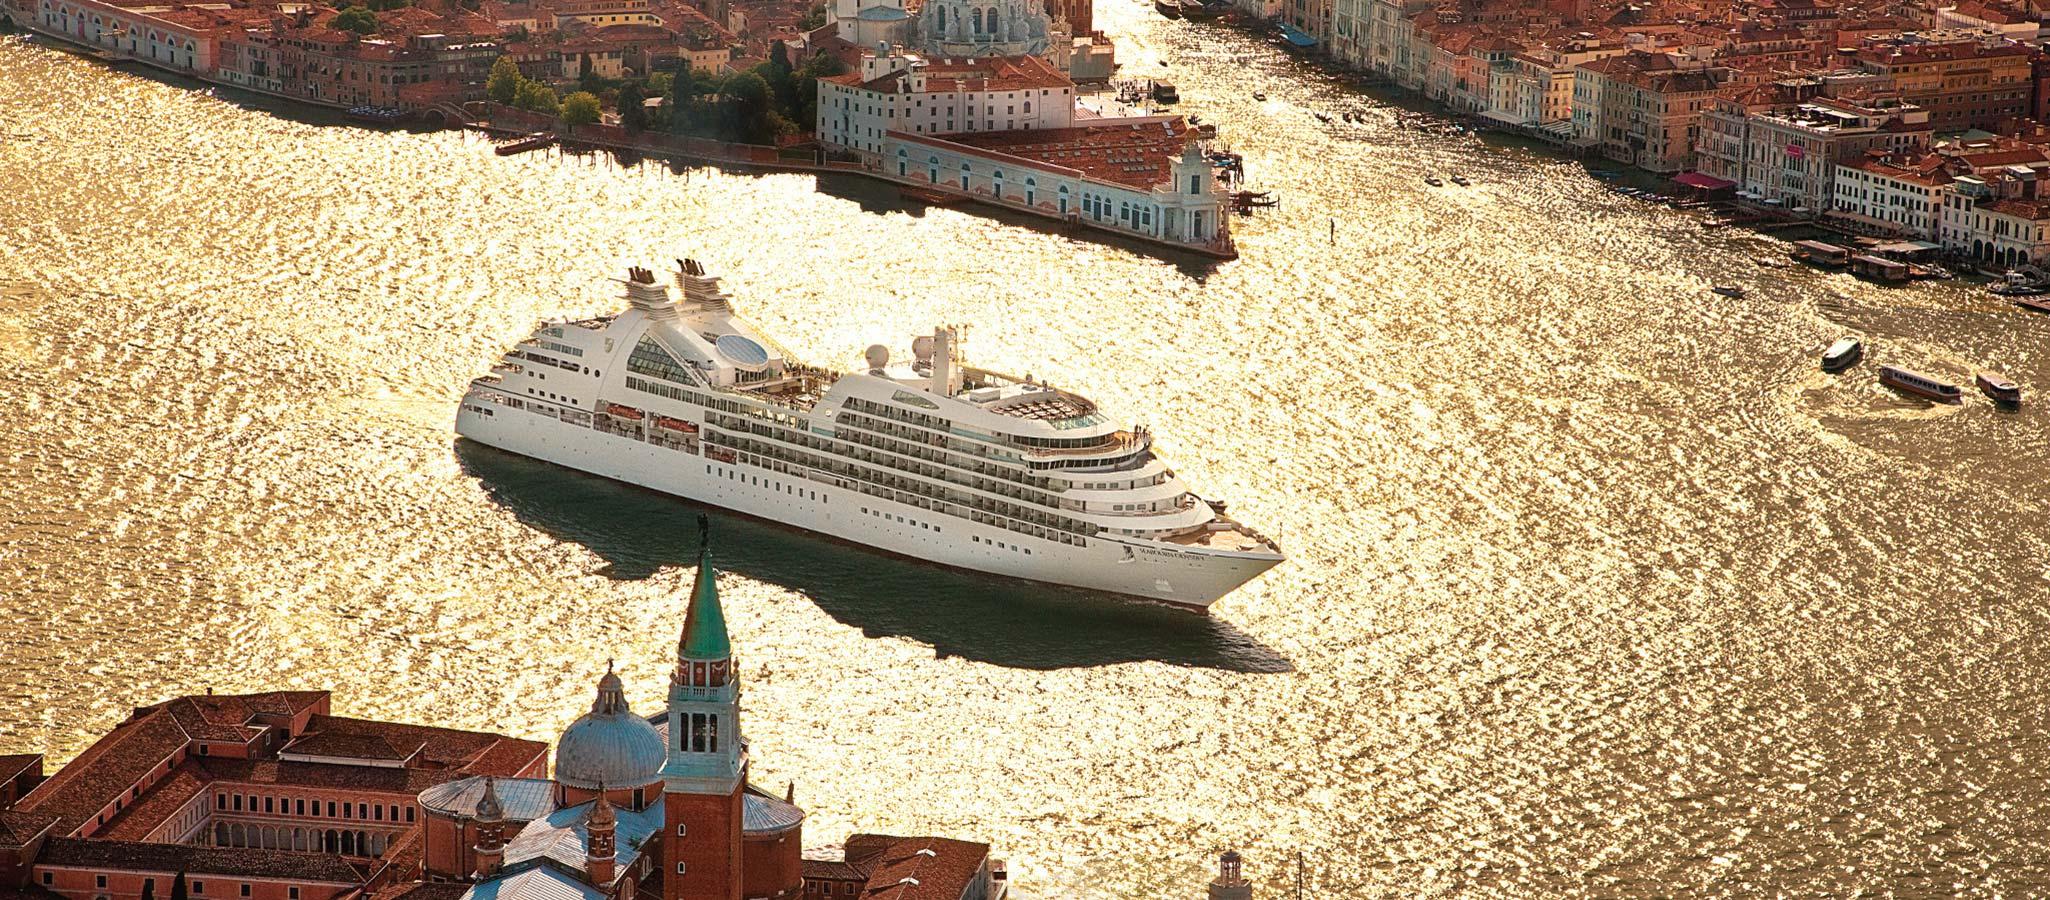 In den Sommermonaten cruisen die Schiffe in Nord- und Südeuropa, während sie im Winter die Überseedestinationen weltweit ansteuern.